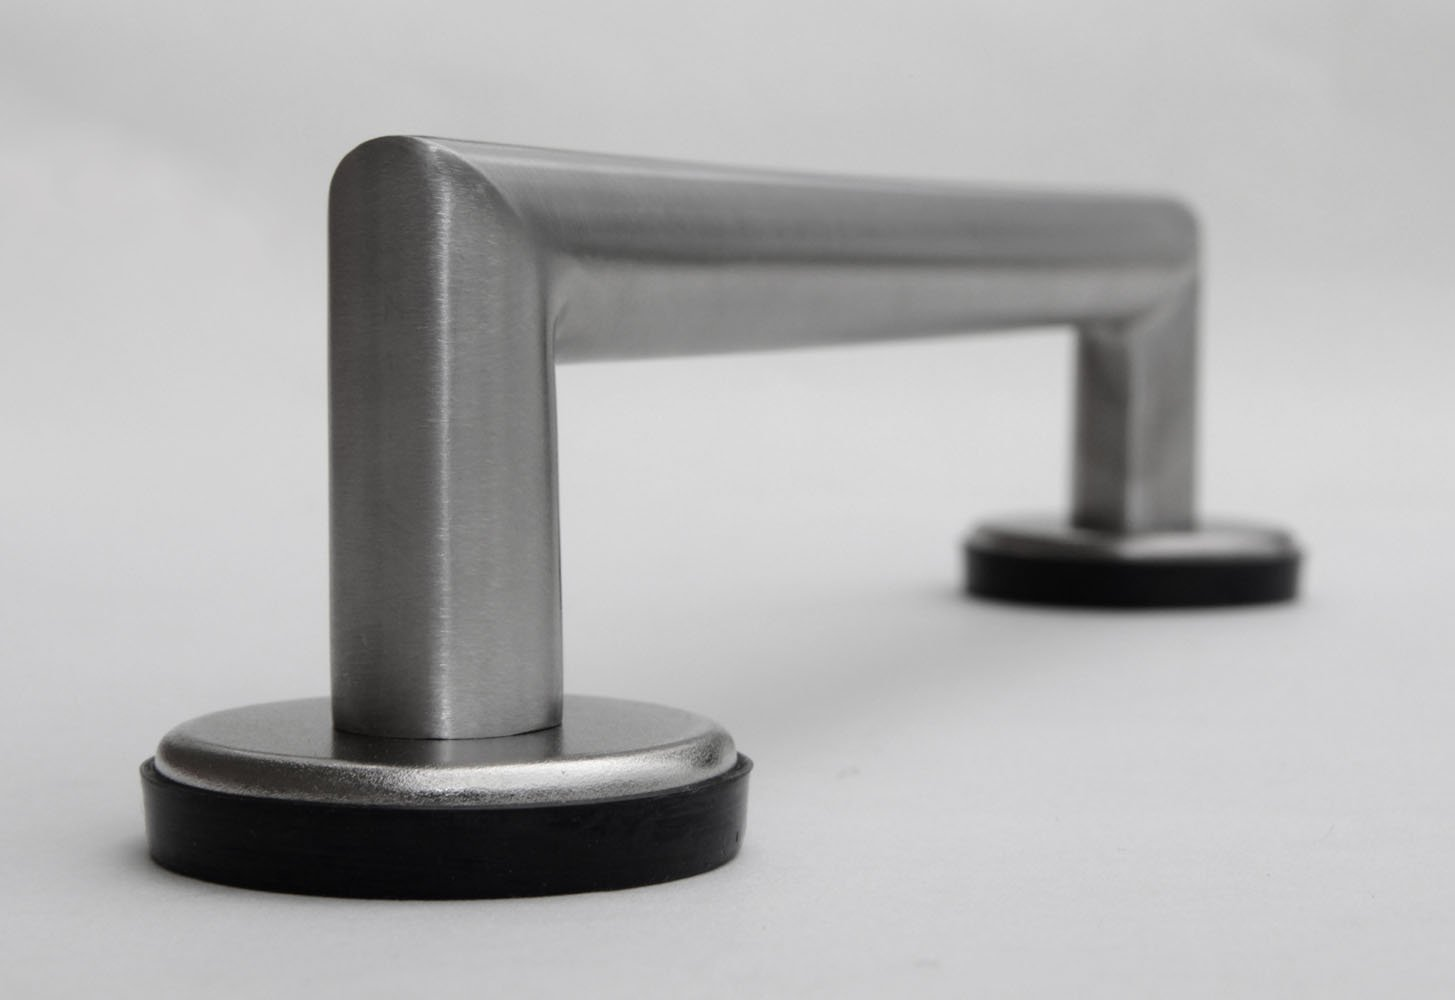 Kühlschrank Universalgriff : Nicolai universalgriff kühlschrankgriff edelstahl magnetisch